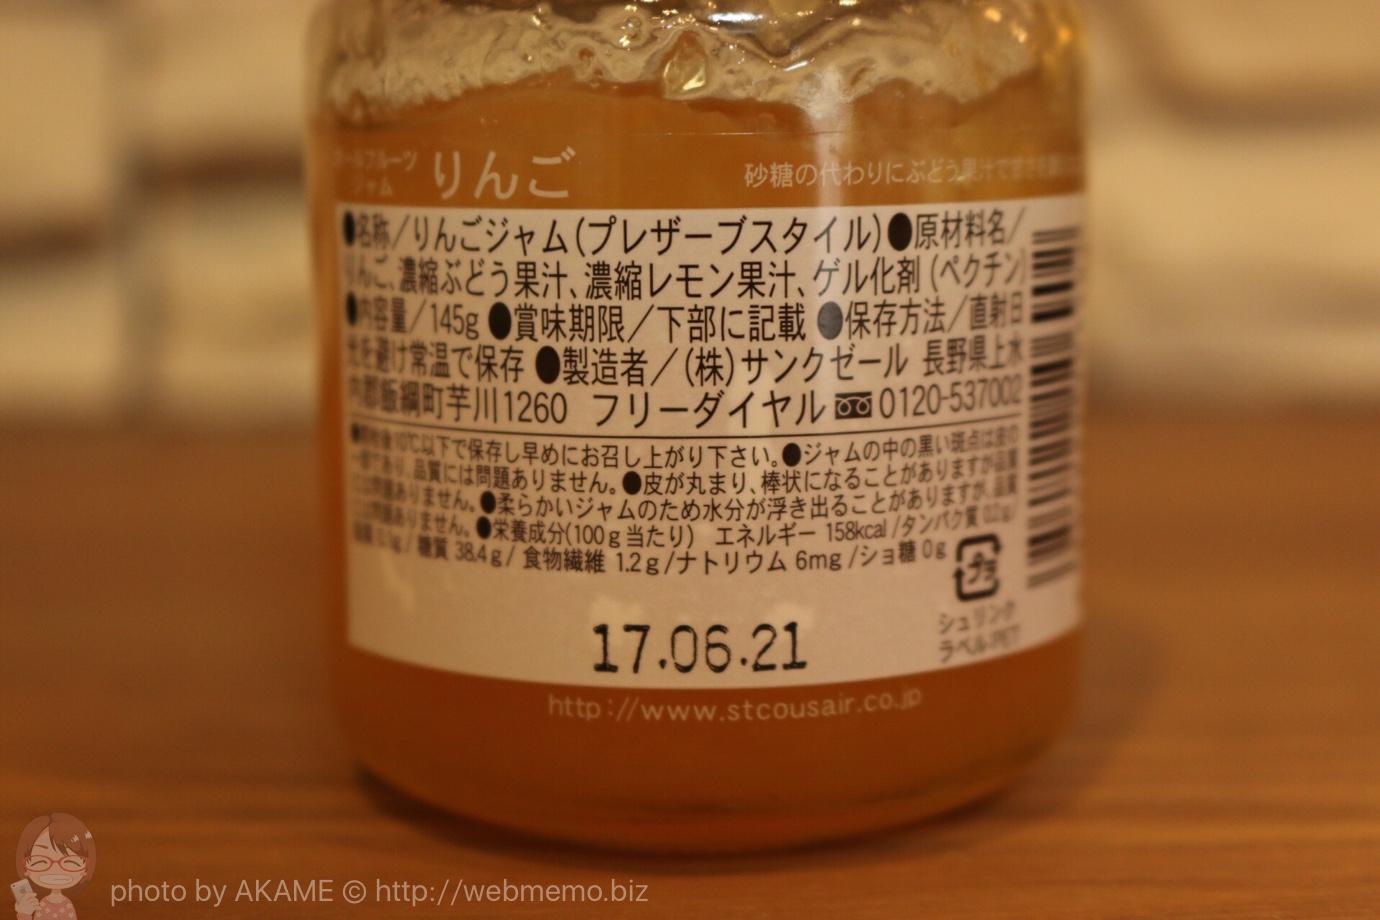 サンクゼール りんごジャム 原材料